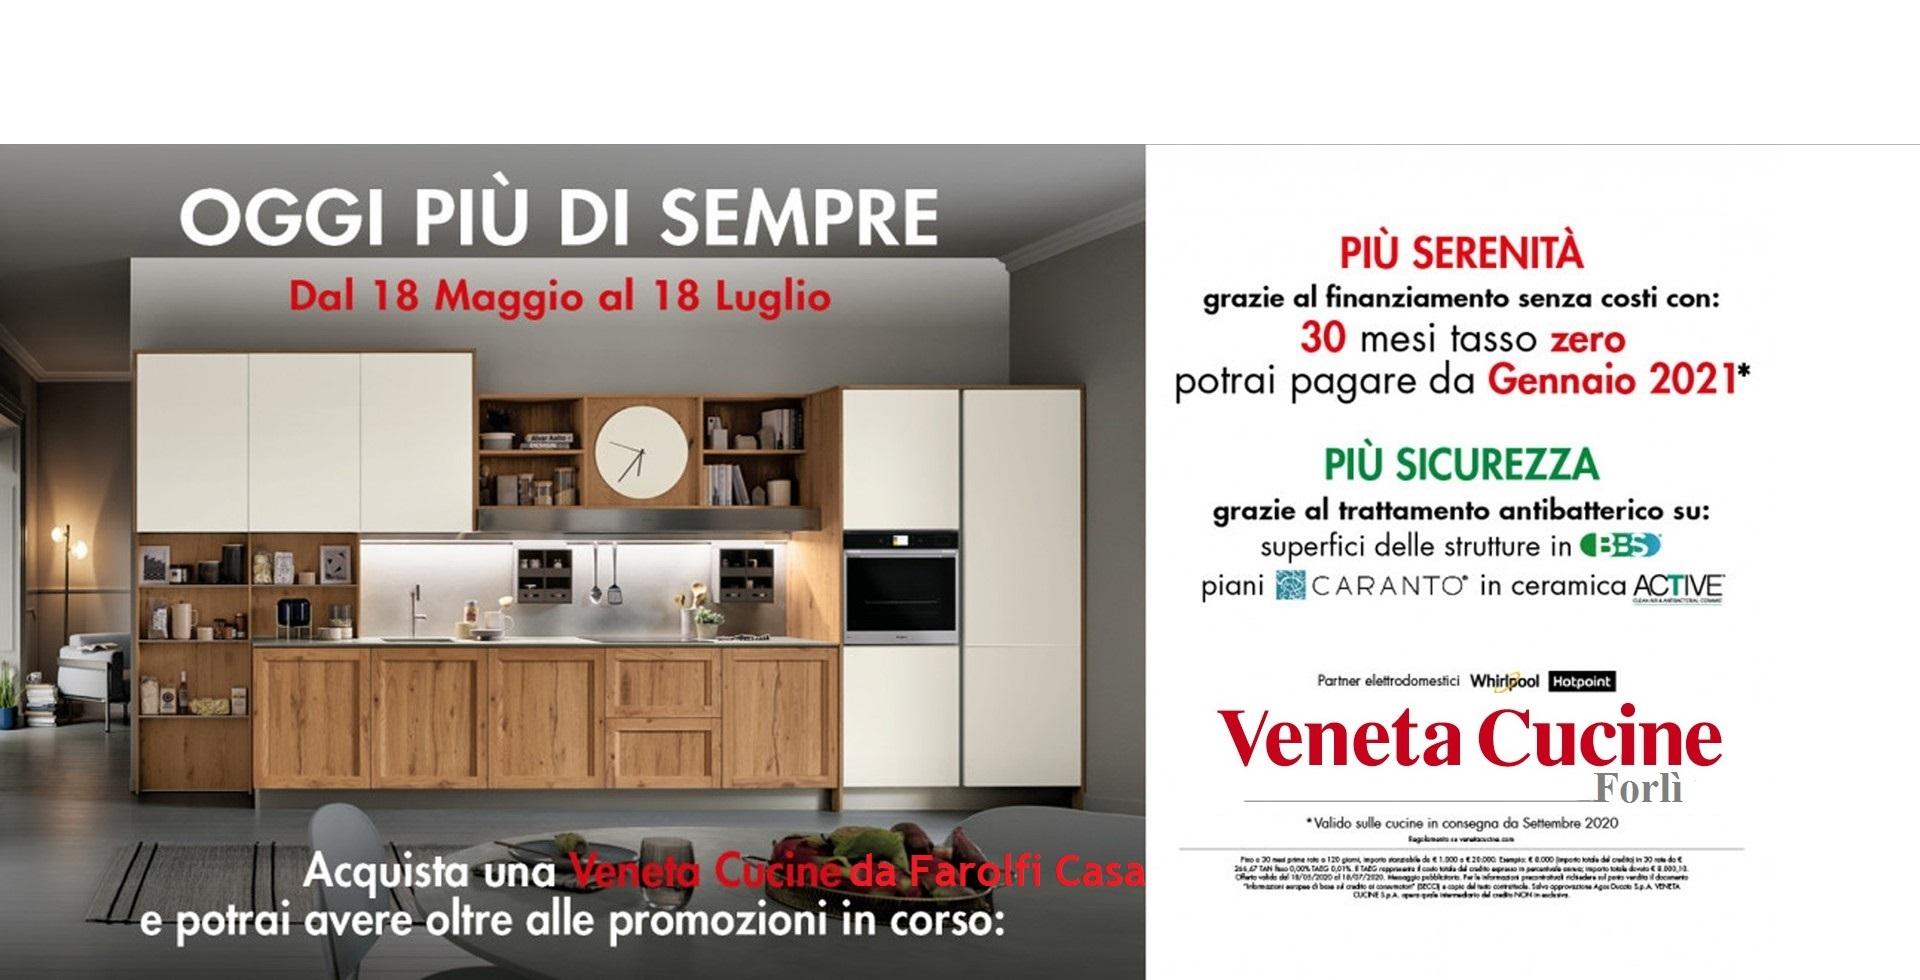 promozione-veneta-cucine-oggi-piu-di-sempre-Farolfi-Casa